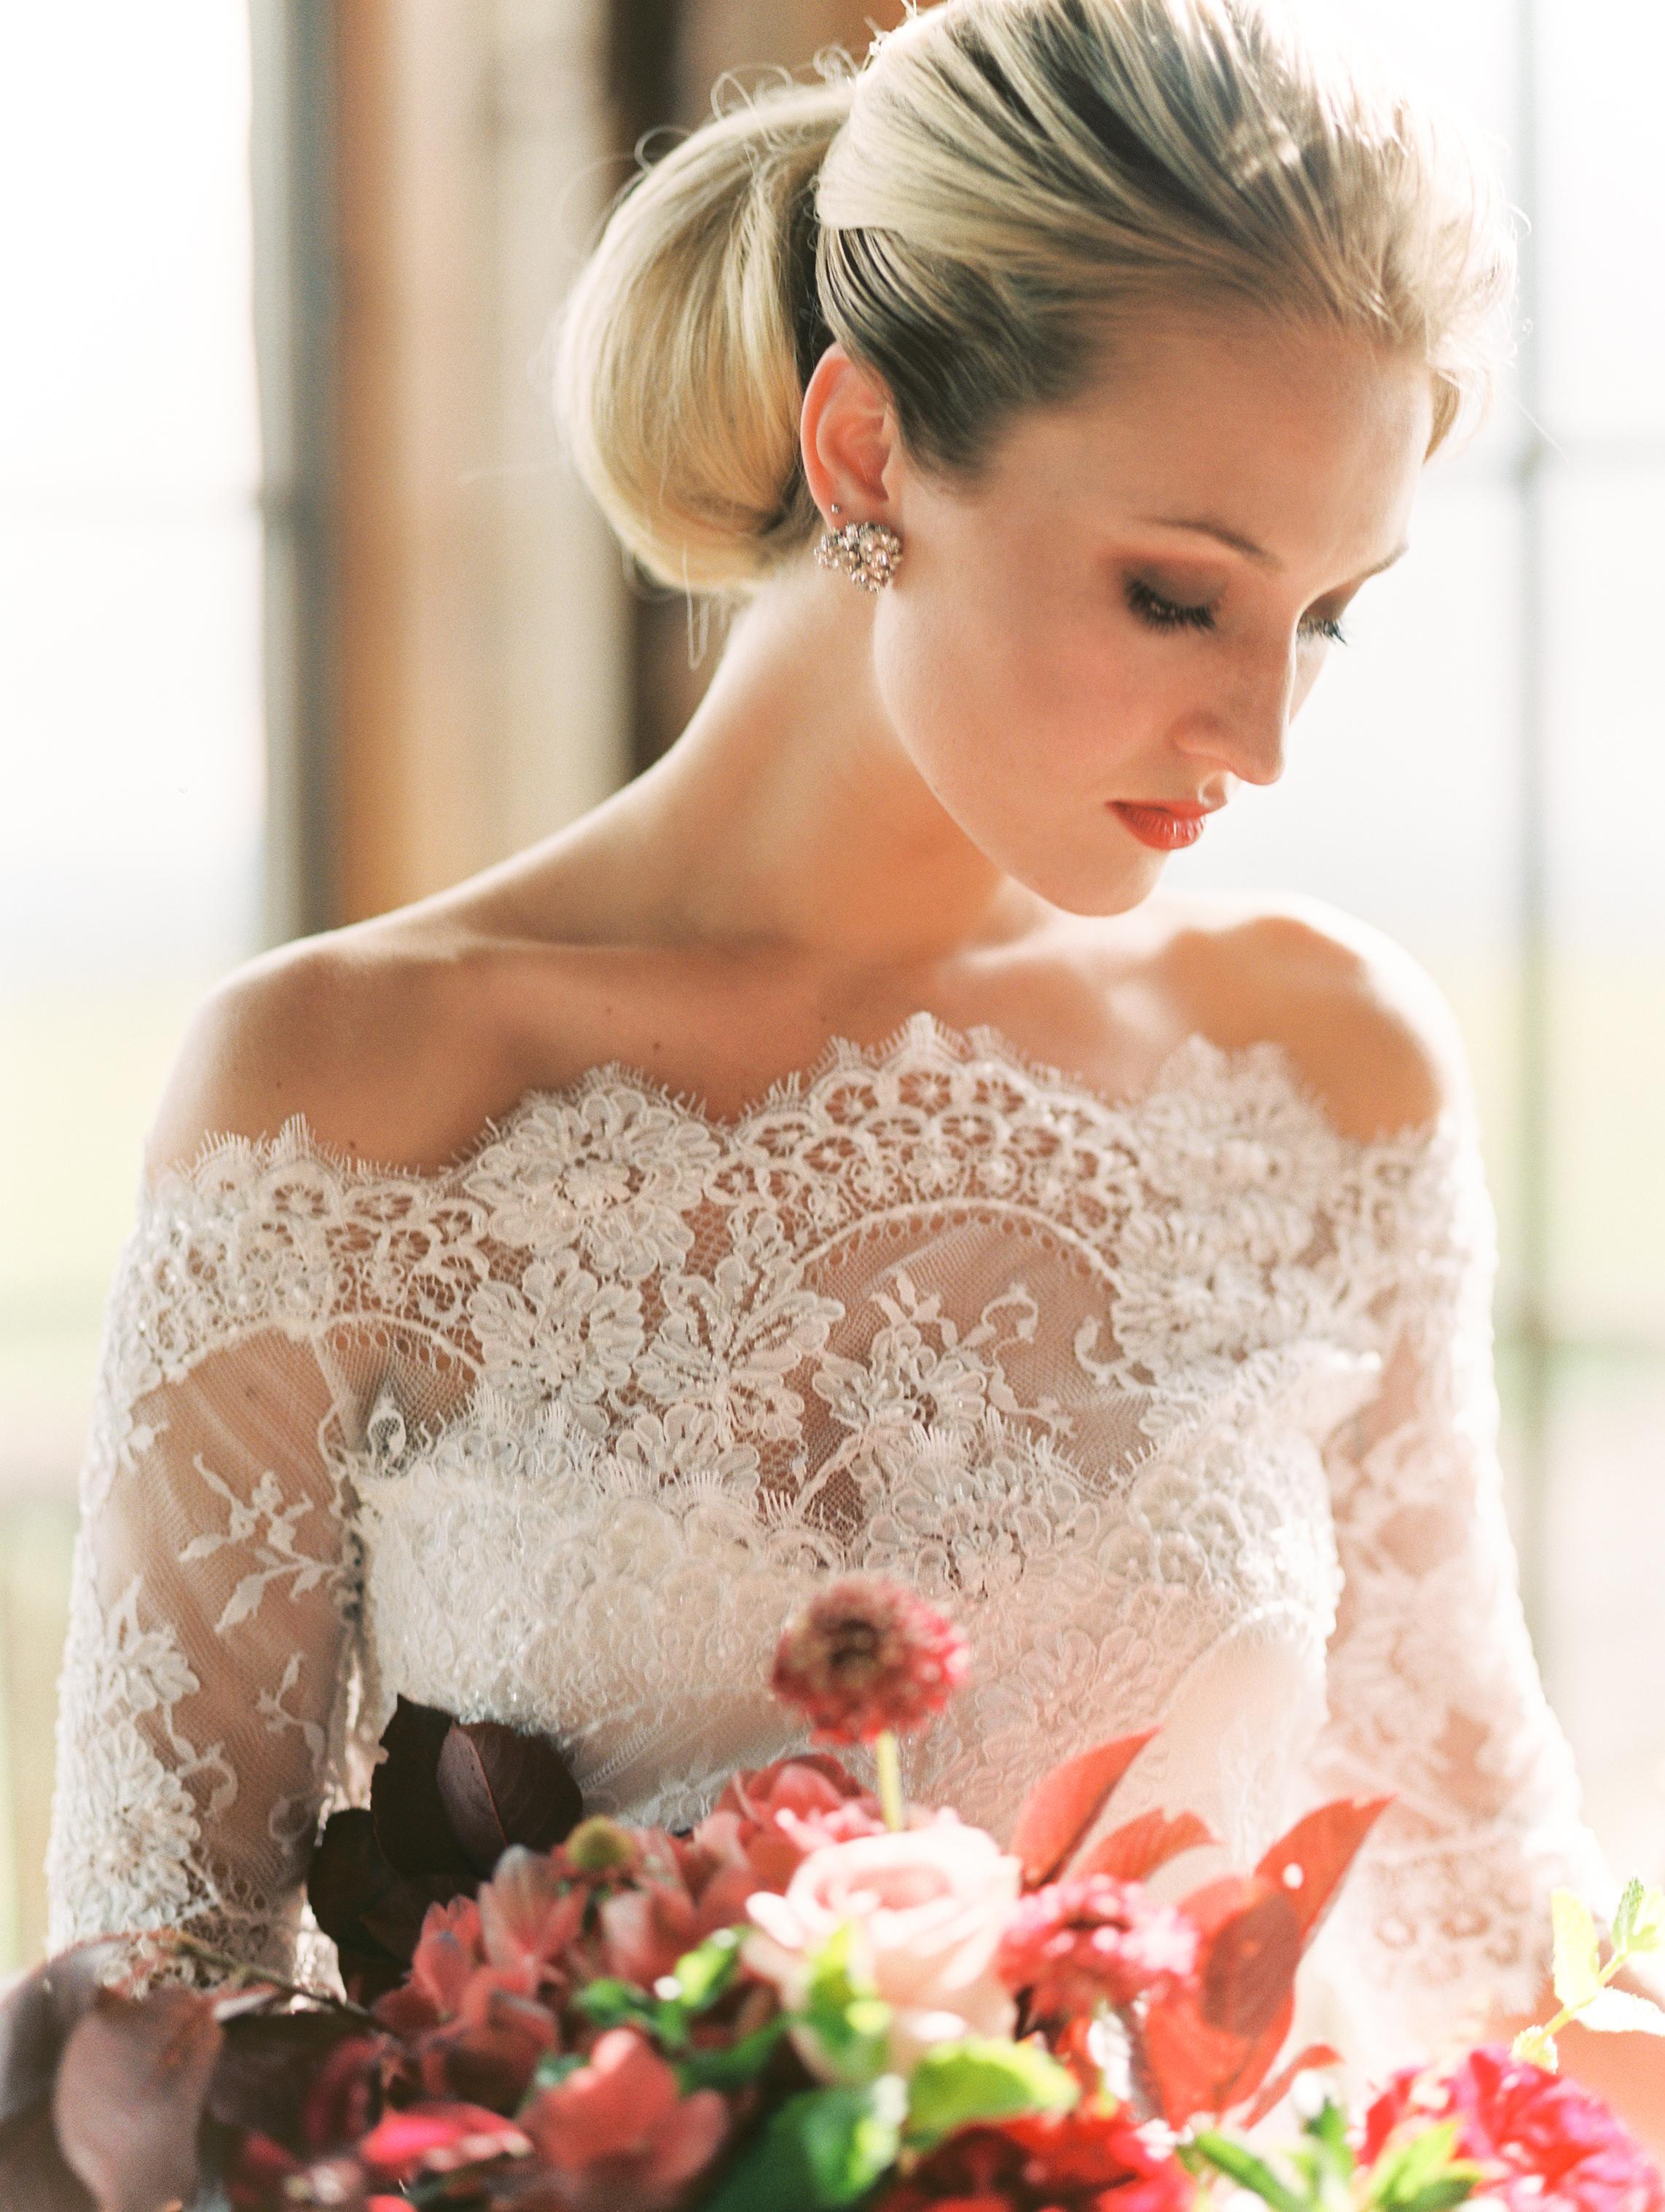 j mendel j mendel wedding dress J Mendel Designer Wedding Dresses Little White Dress Bridal Shop Denver Colorado s Best Designer Wedding Dresses and Accessories